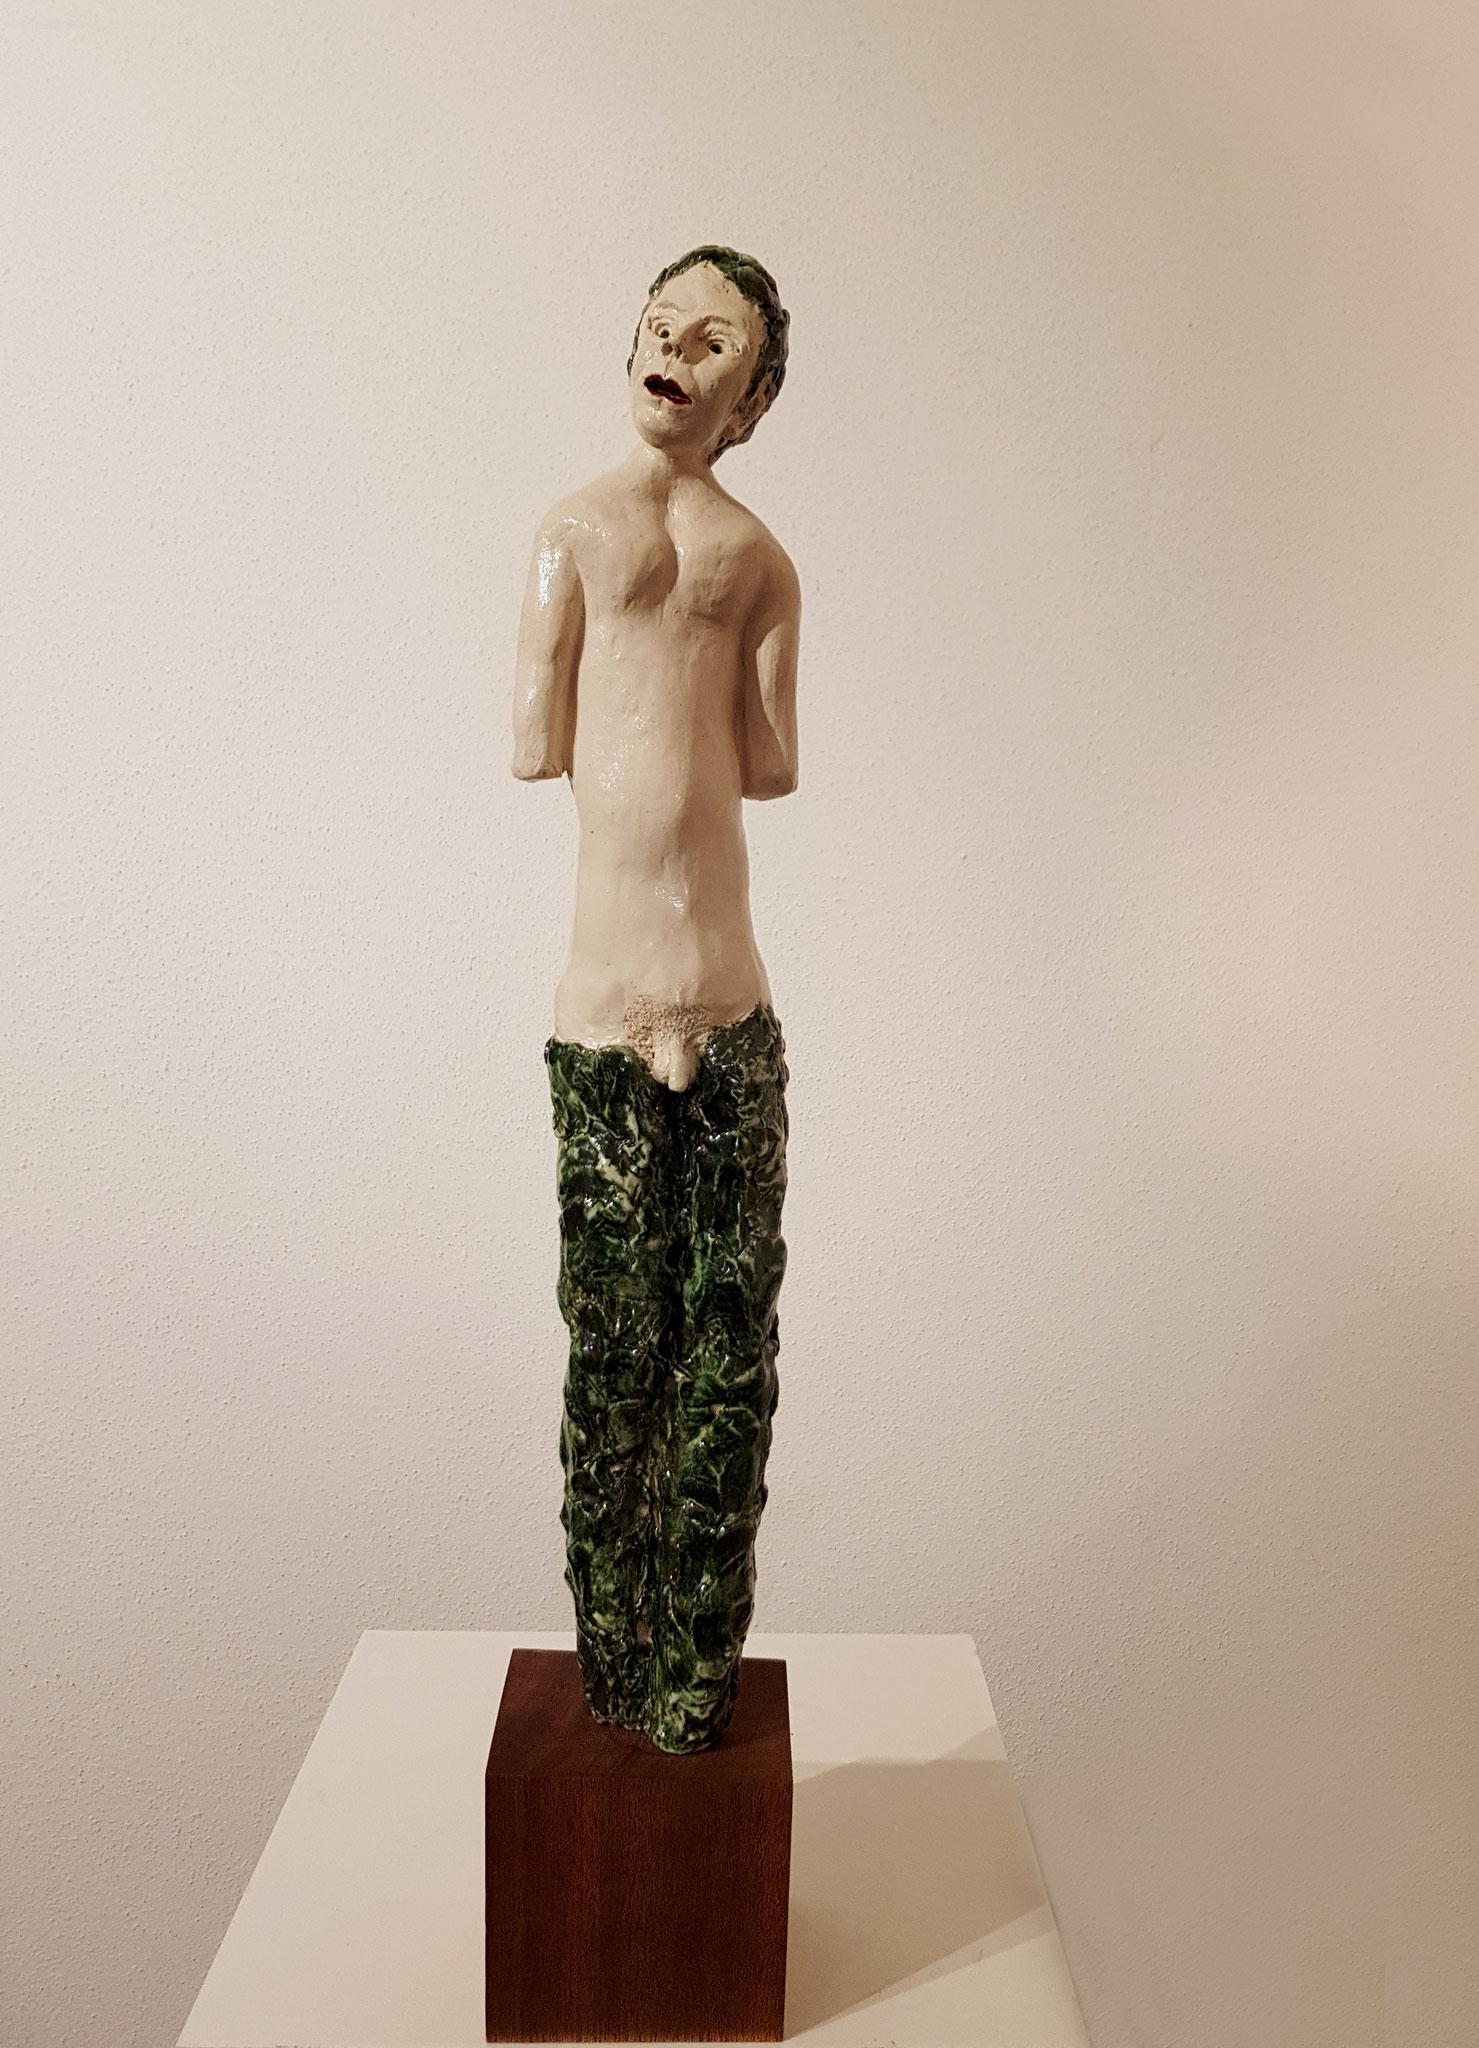 GREEN MAN 2, 66x9x10 cm